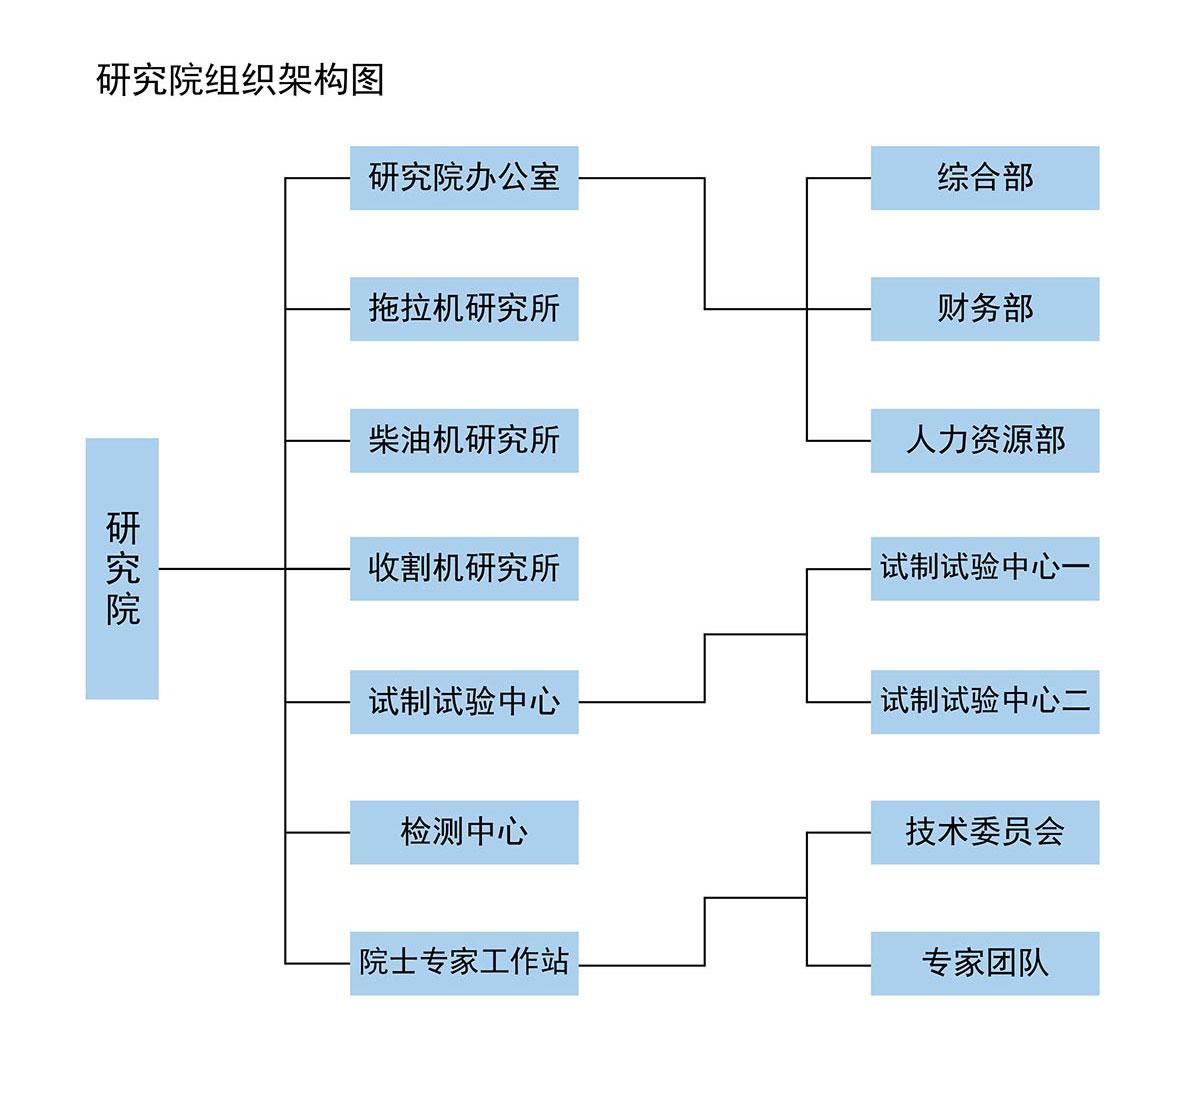 研究院組織架構圖